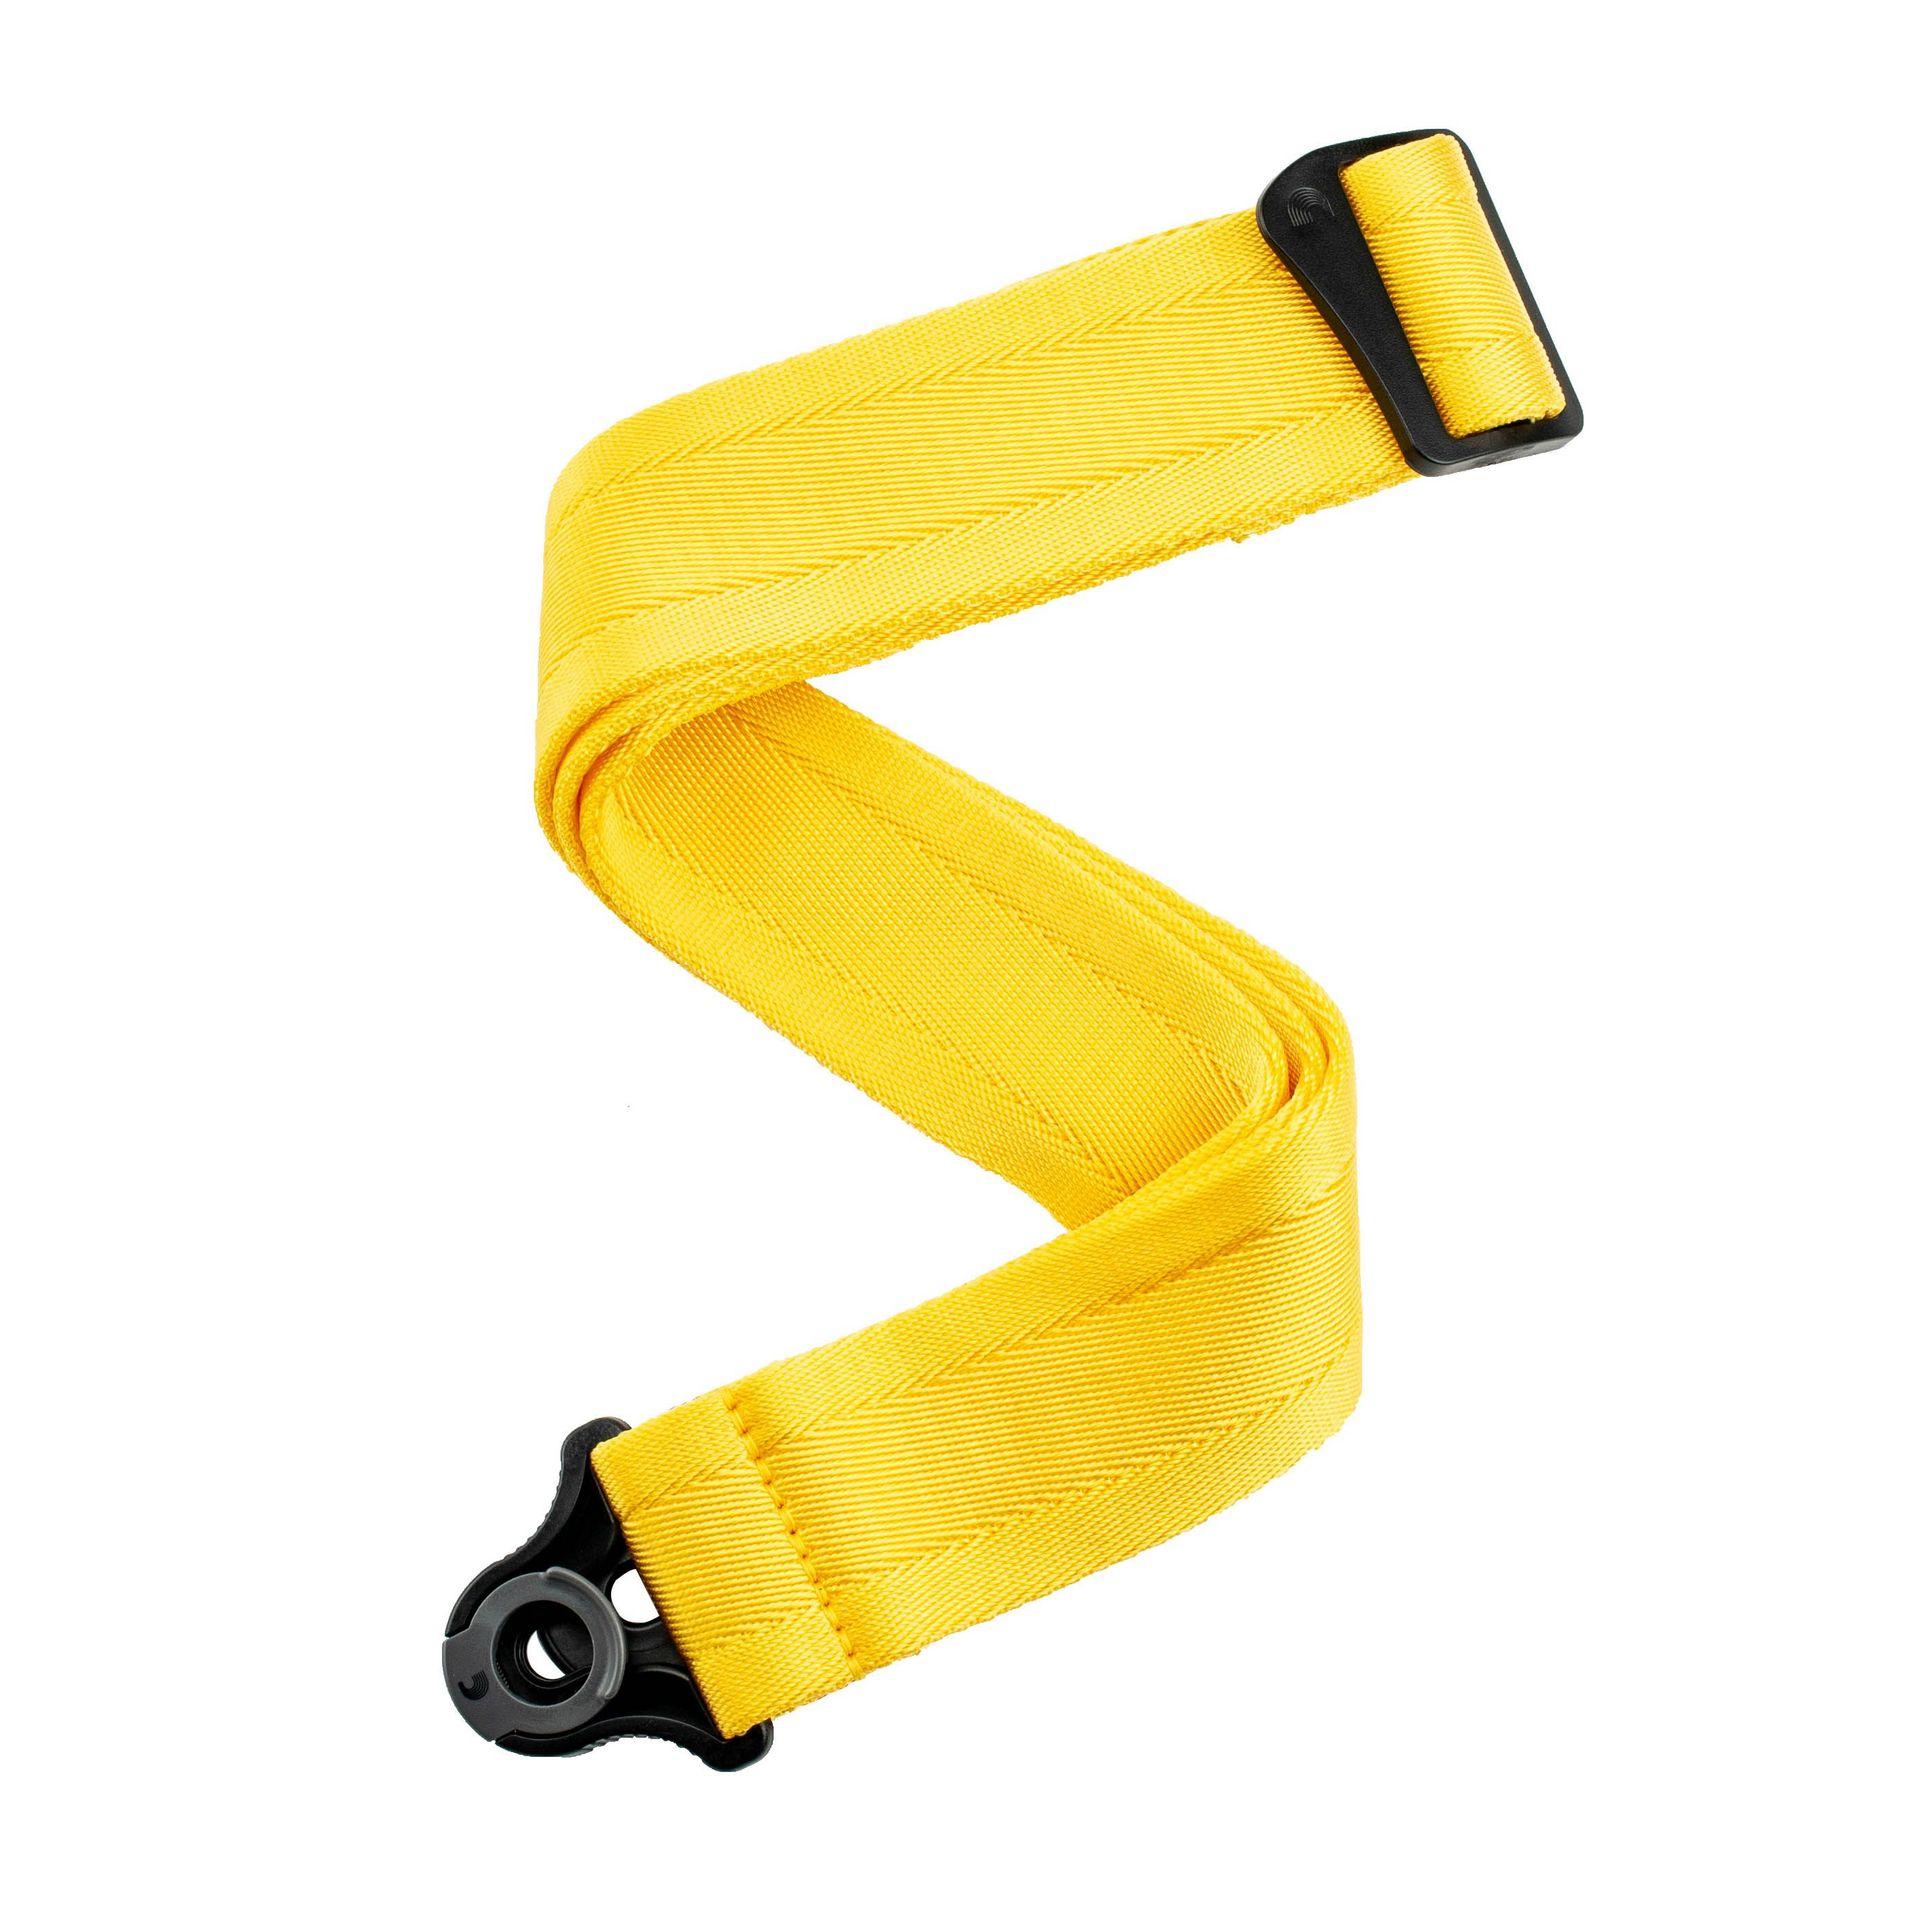 D'Addario Auto Lock Guitar Strap Mellow Yellow 50BAL07